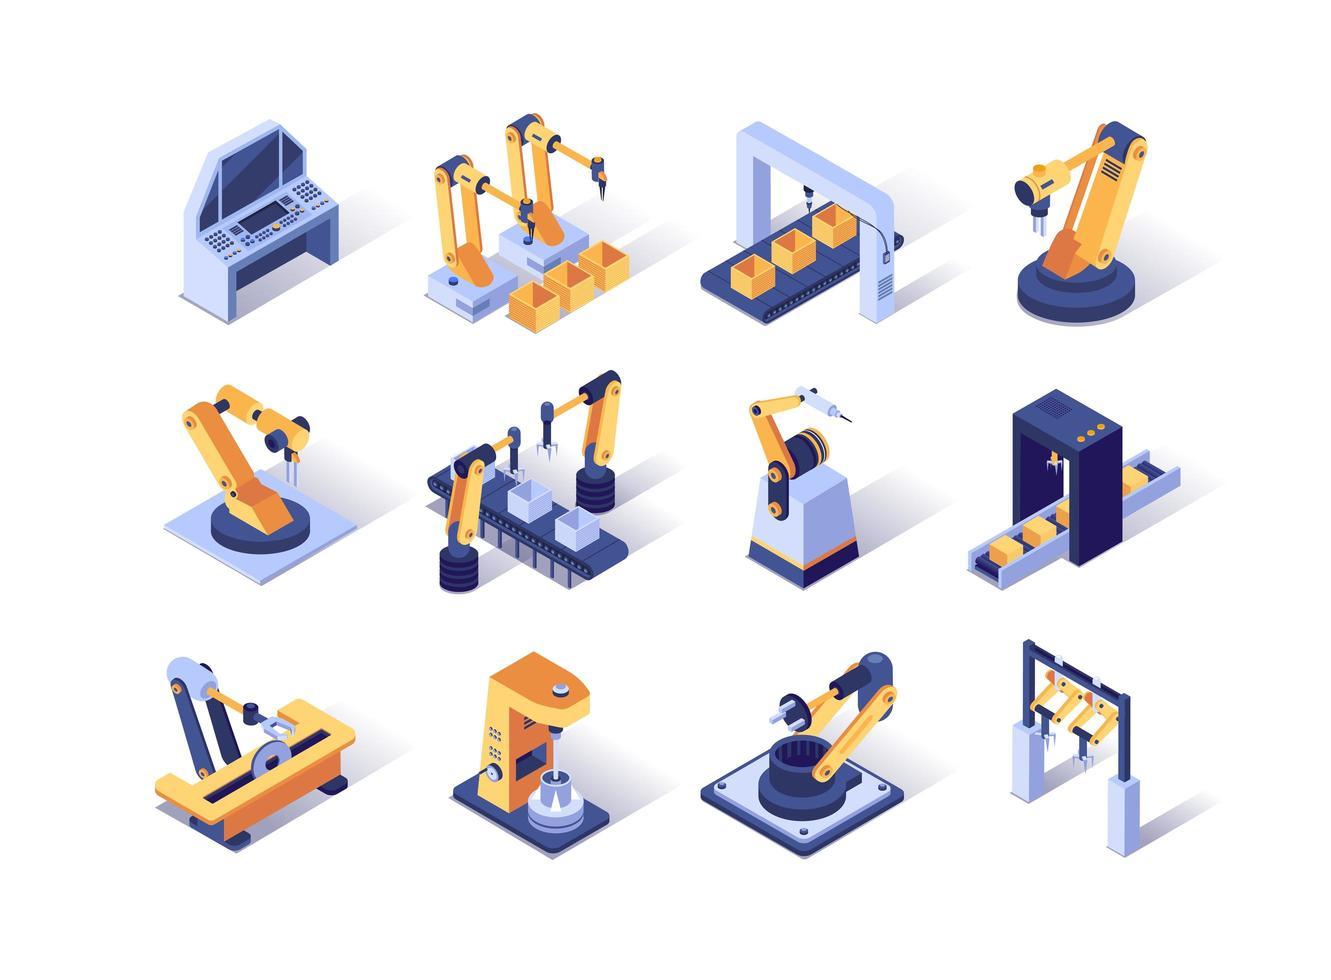 ensemble d & # 39; icônes isométriques de l & # 39; industrie de la robotisation vecteur